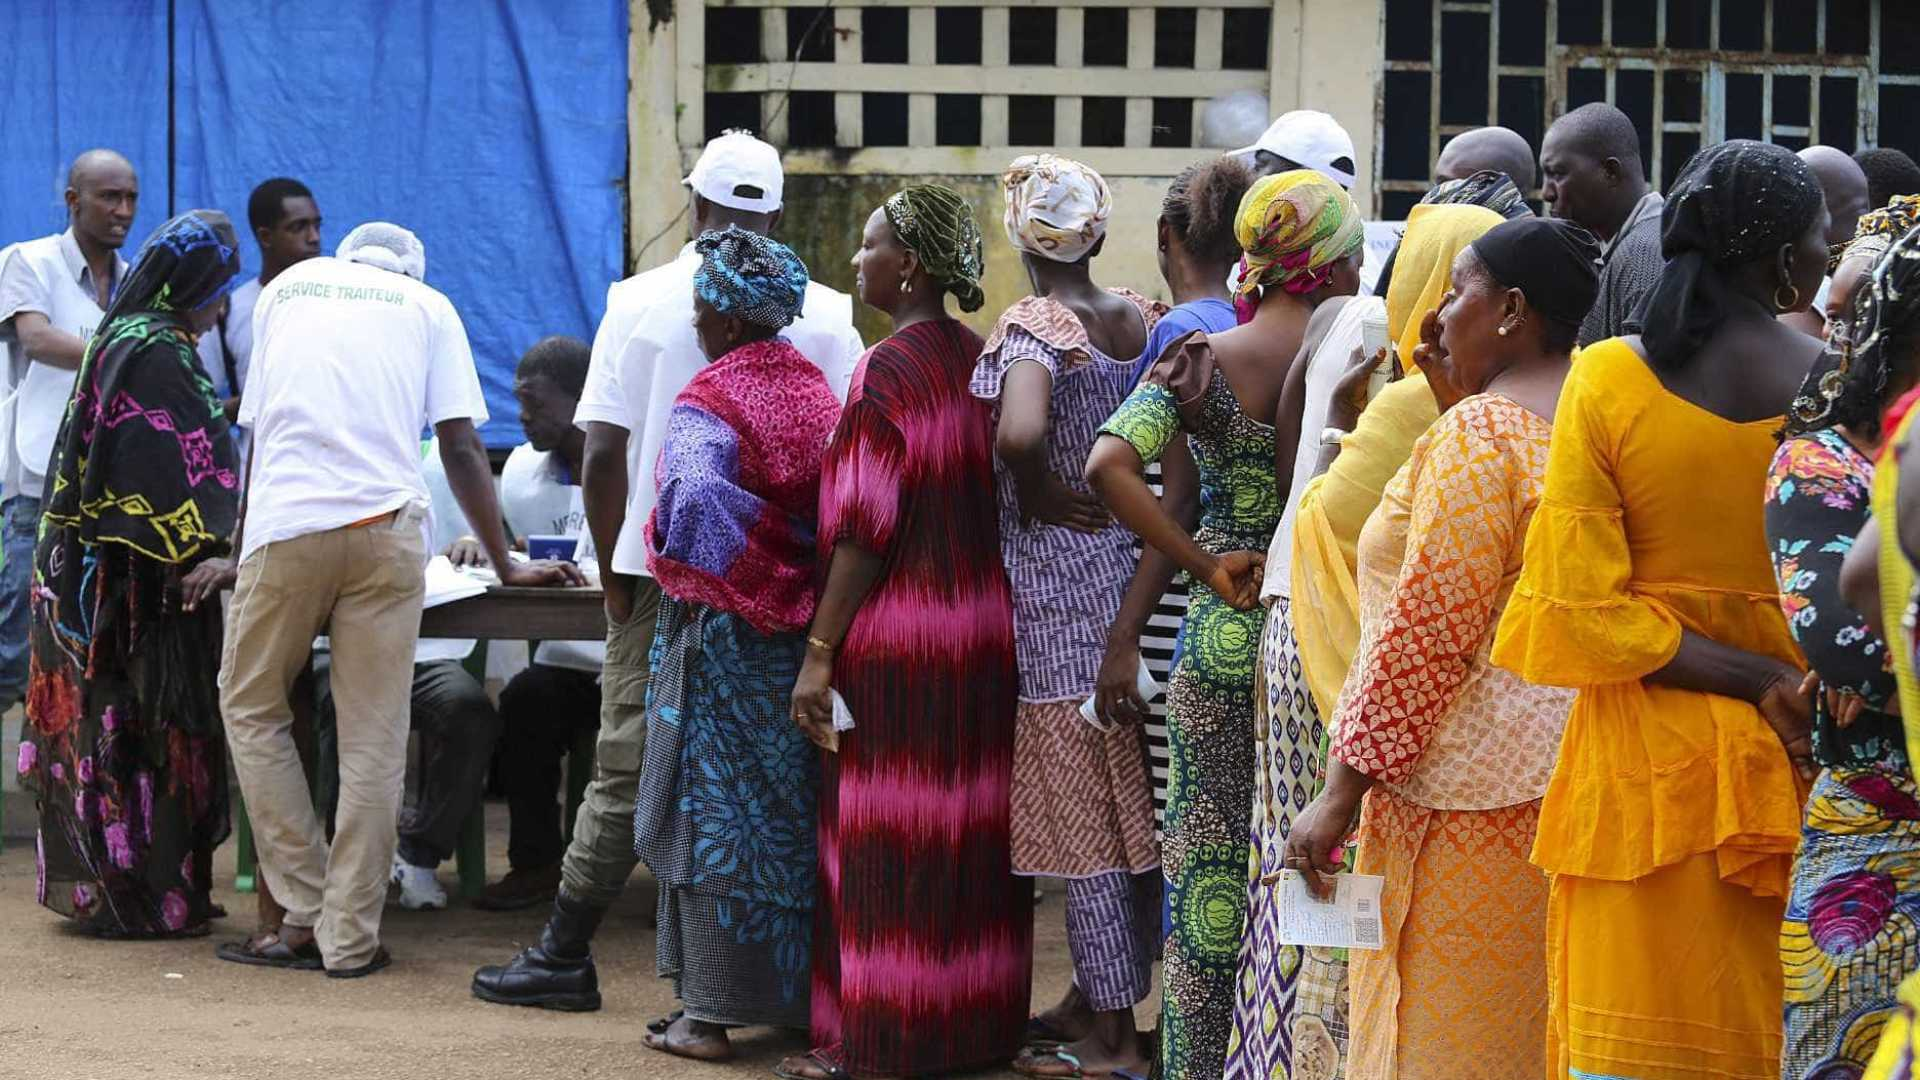 guiné-conacri legaliza poligamia até um limite de quatro mulheres - mulheres guine conacri - Guiné-Conacri legaliza poligamia até um limite de quatro mulheres